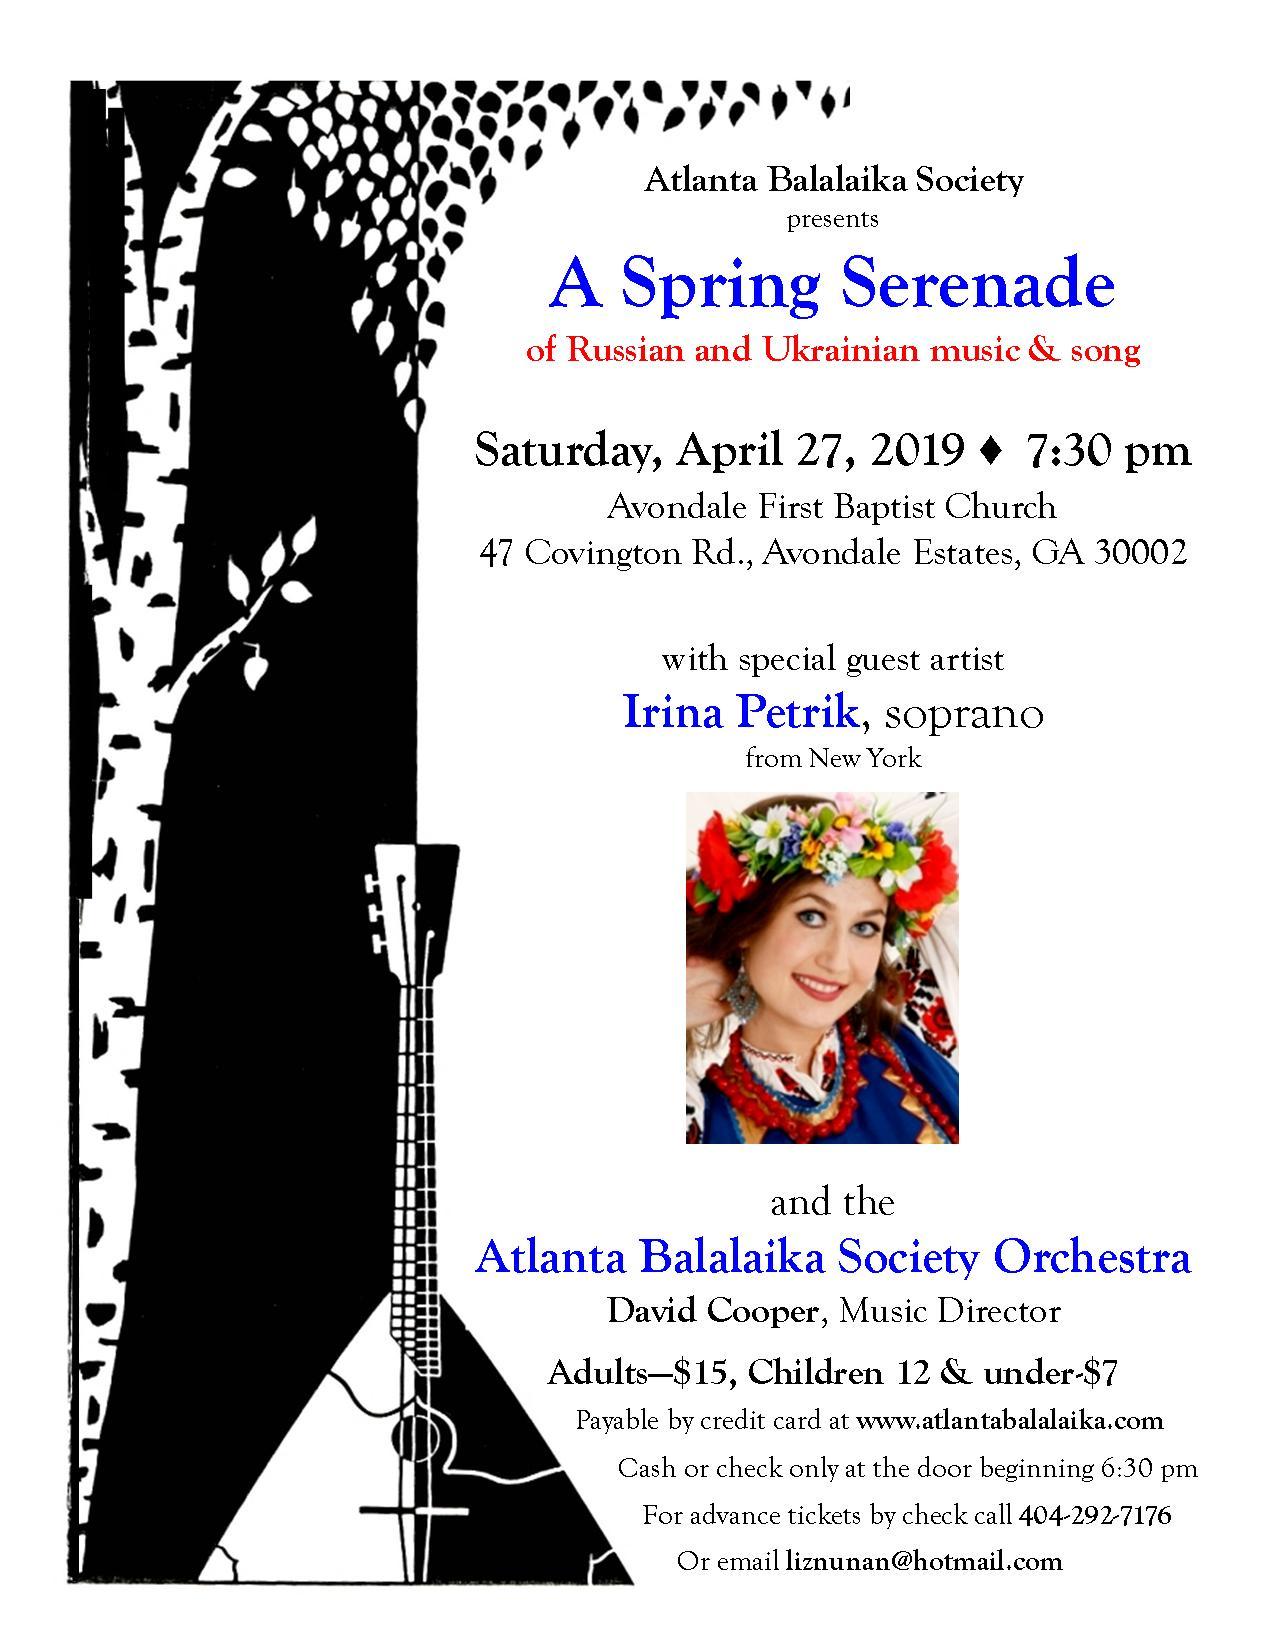 Balaika Society Concert April 27